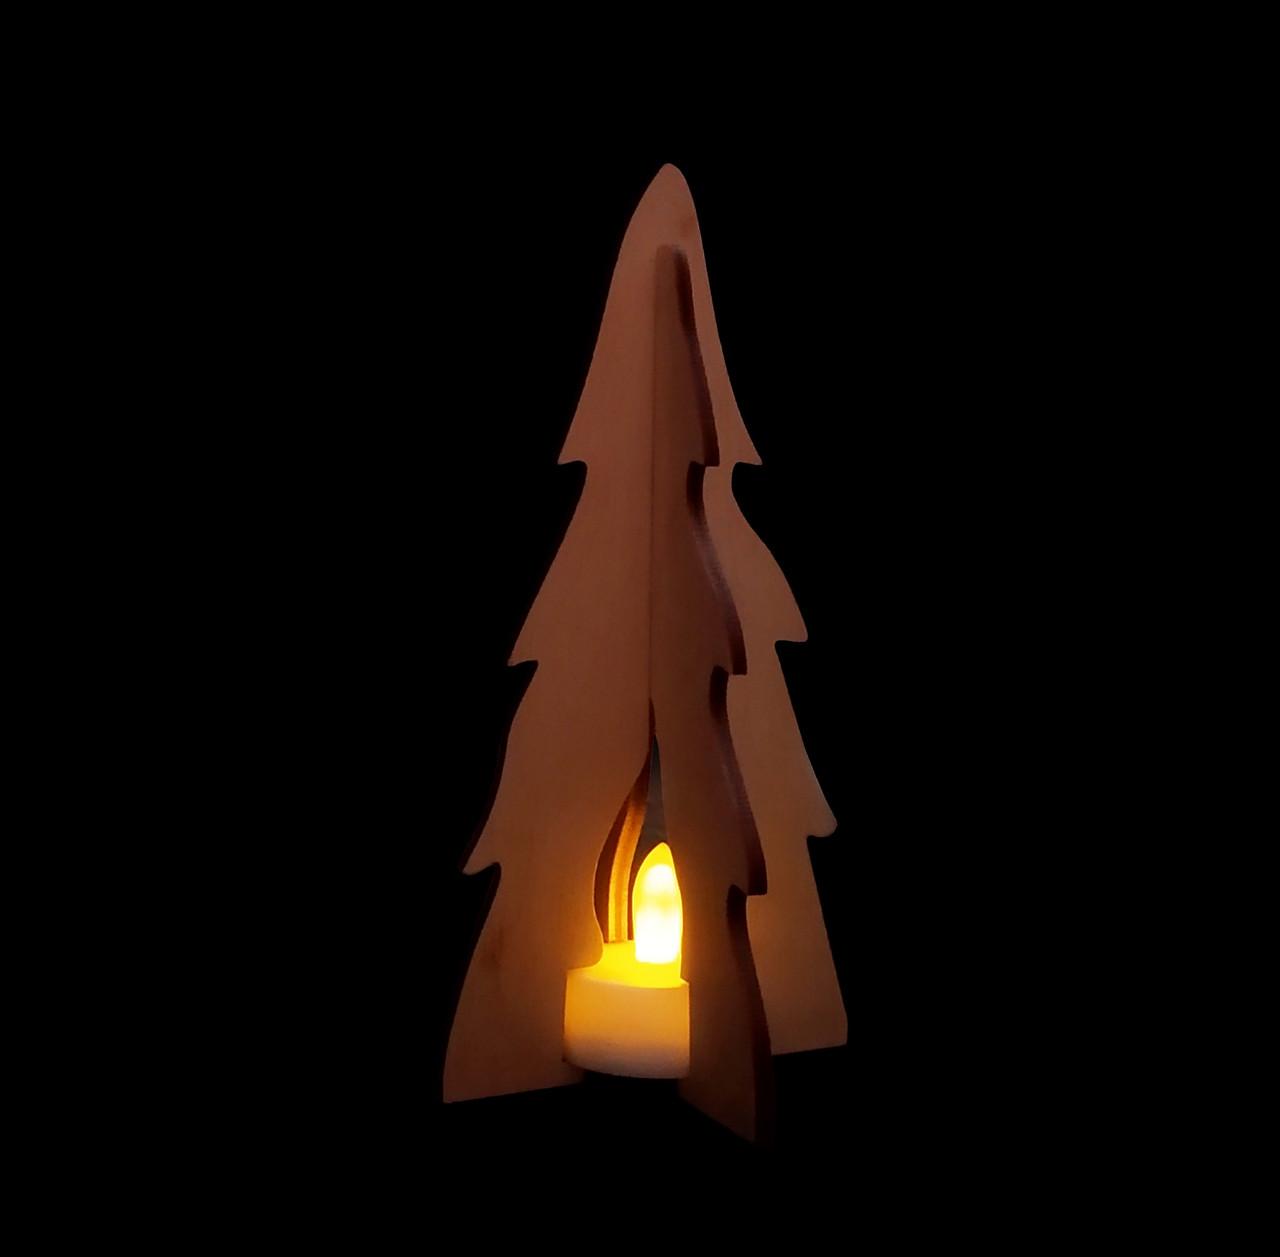 """Новорічна світлодіодна прикраса - ліхтарик """"Ялинка"""""""